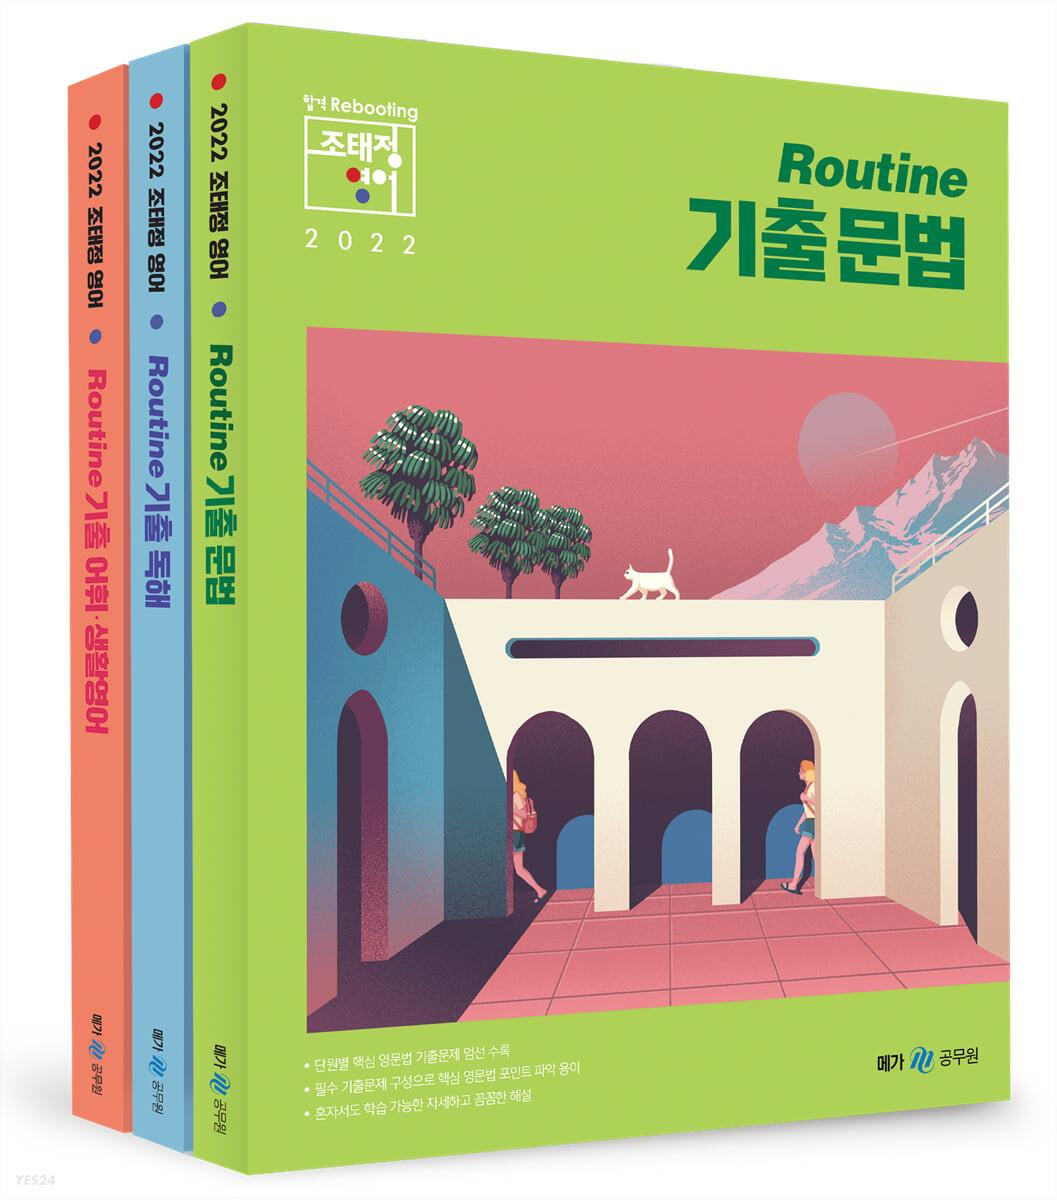 2022 조태정 영어 루틴(Routine) 기출 문법/독해/어휘·생활영어